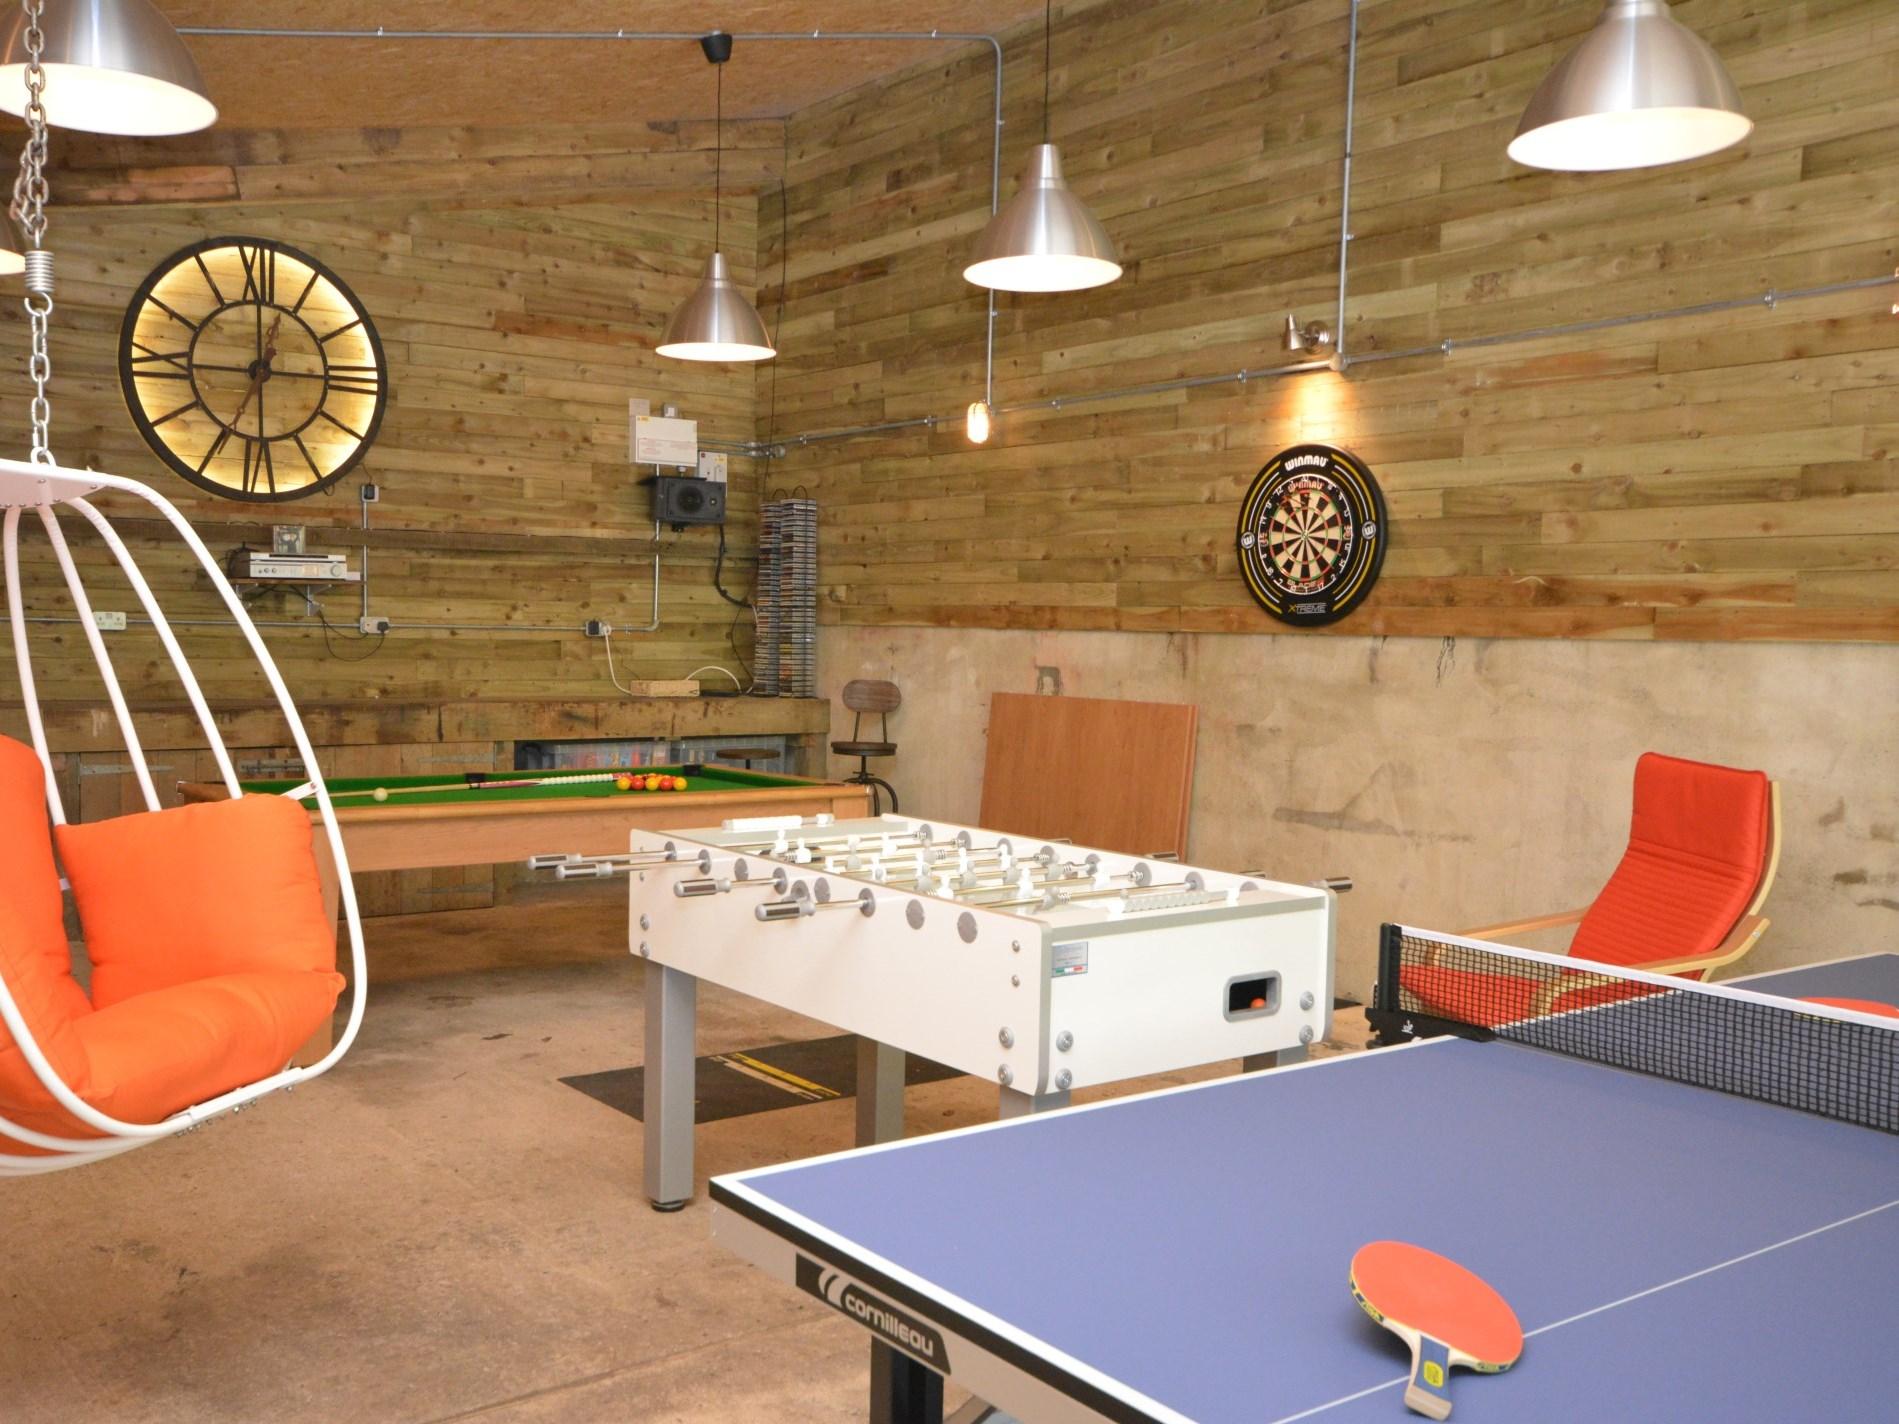 Indoor games room